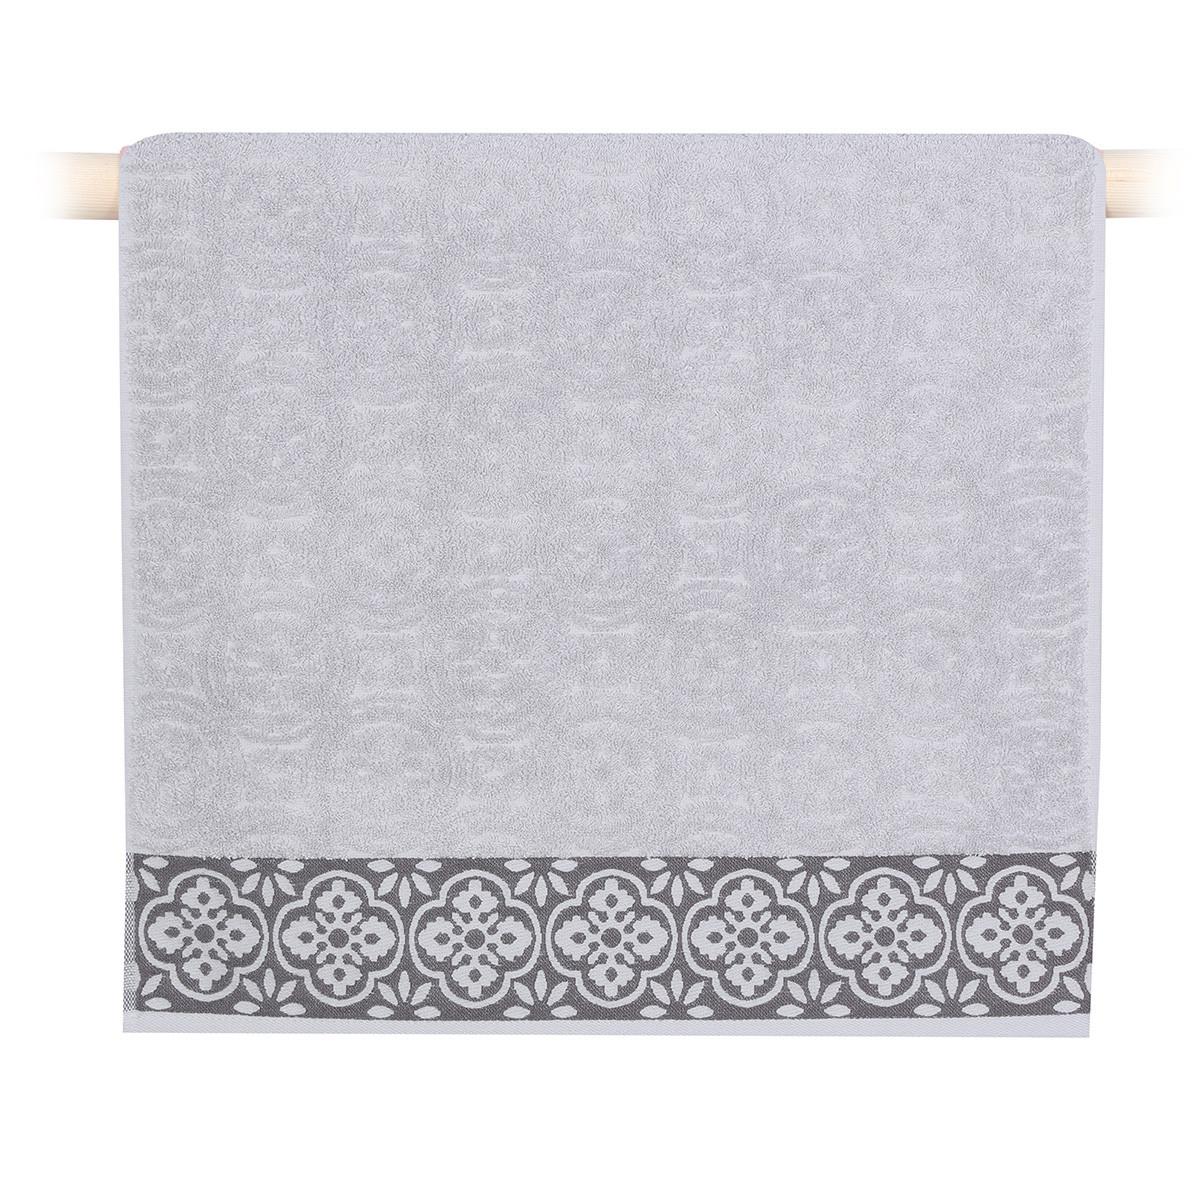 Πετσέτες Μπάνιου (Σετ 3τμχ) Nef-Nef Distinct Grey